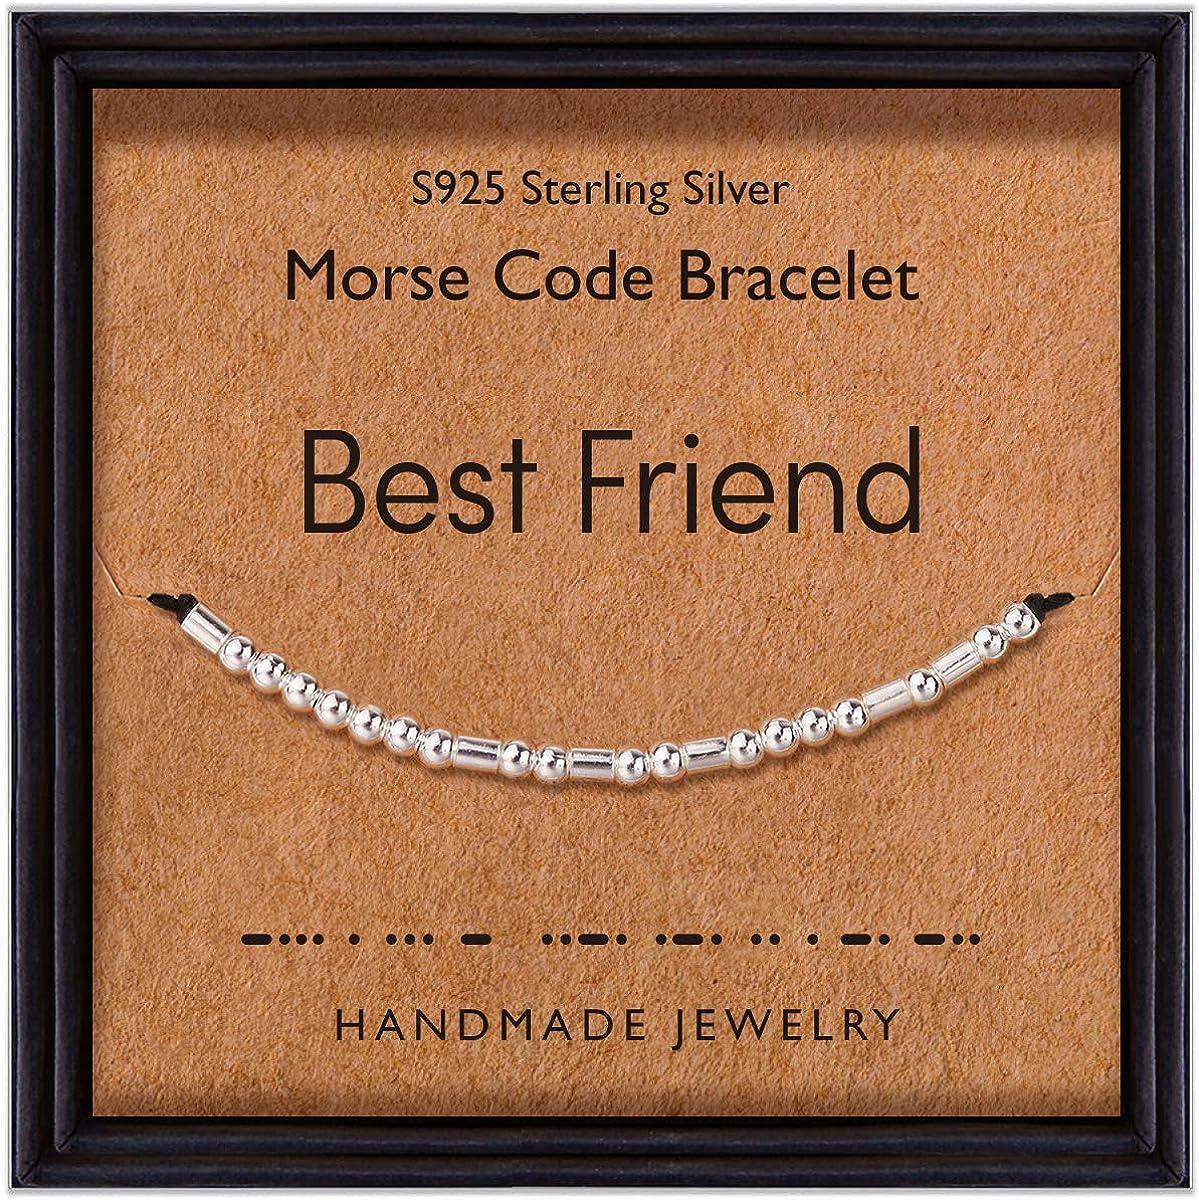 Suyi Regalo De Pulsera De Código Morse para El Mejor Amigo 925 Cuentas De Plata Esterlina En Joyería De Cordón De Seda para Mujeres Niñas Cumpleaños